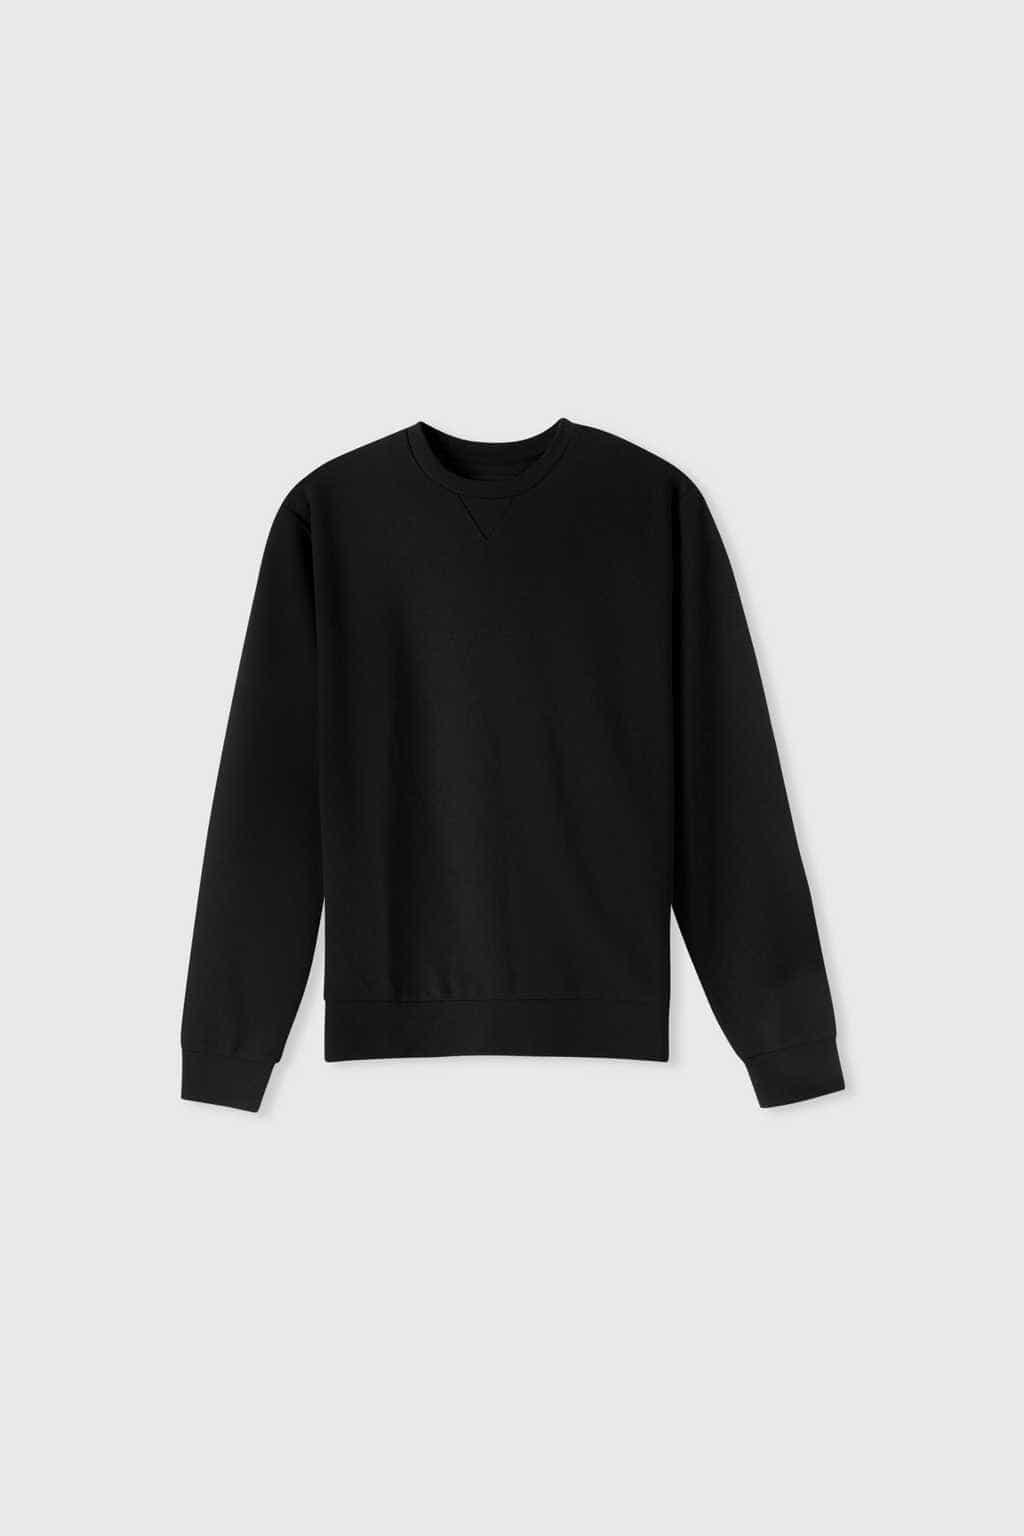 TShirt 2654 Black 15